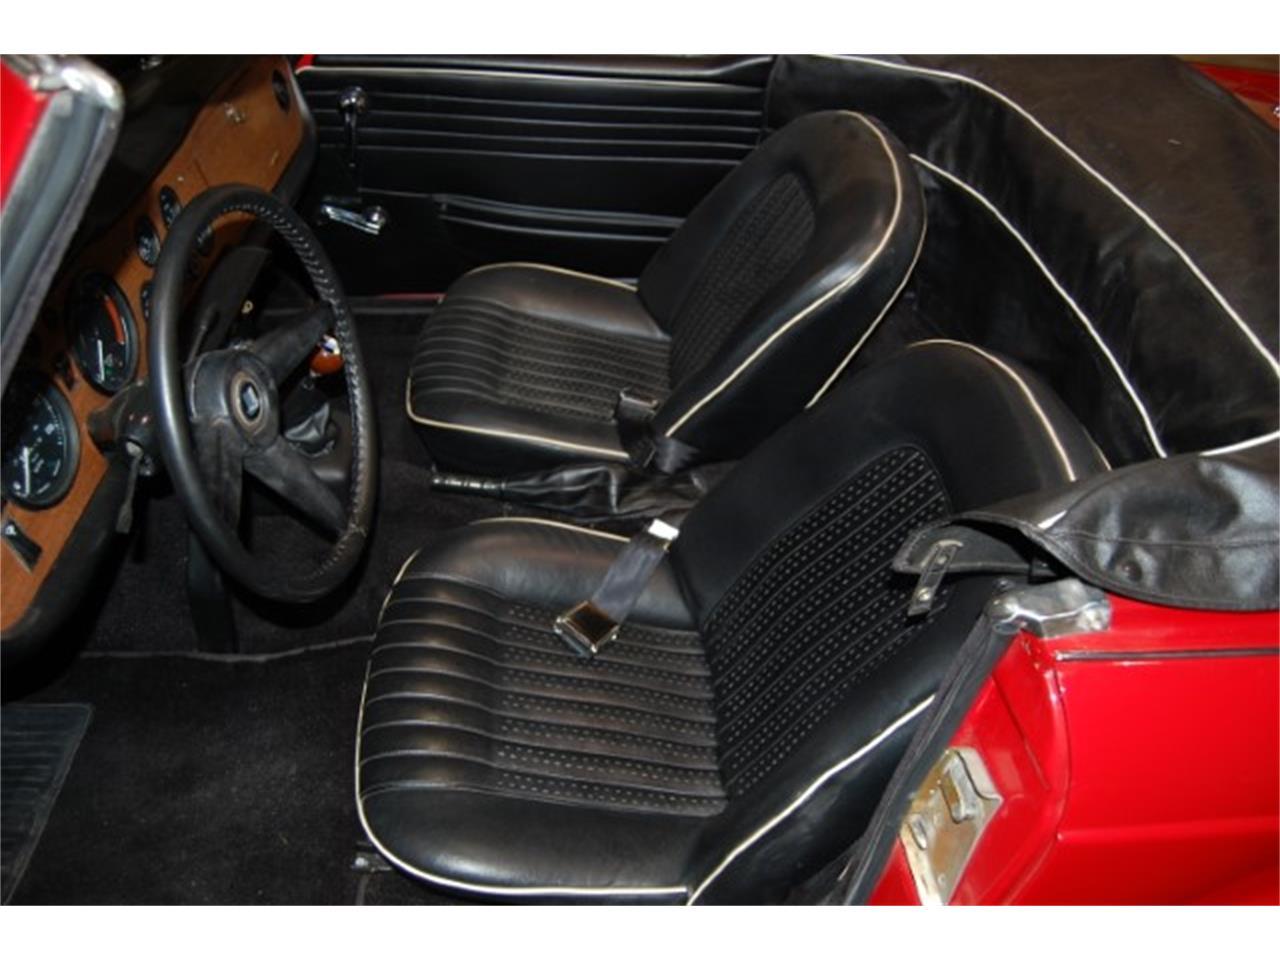 1968 Triumph TR250 (CC-1275209) for sale in Marietta, Georgia